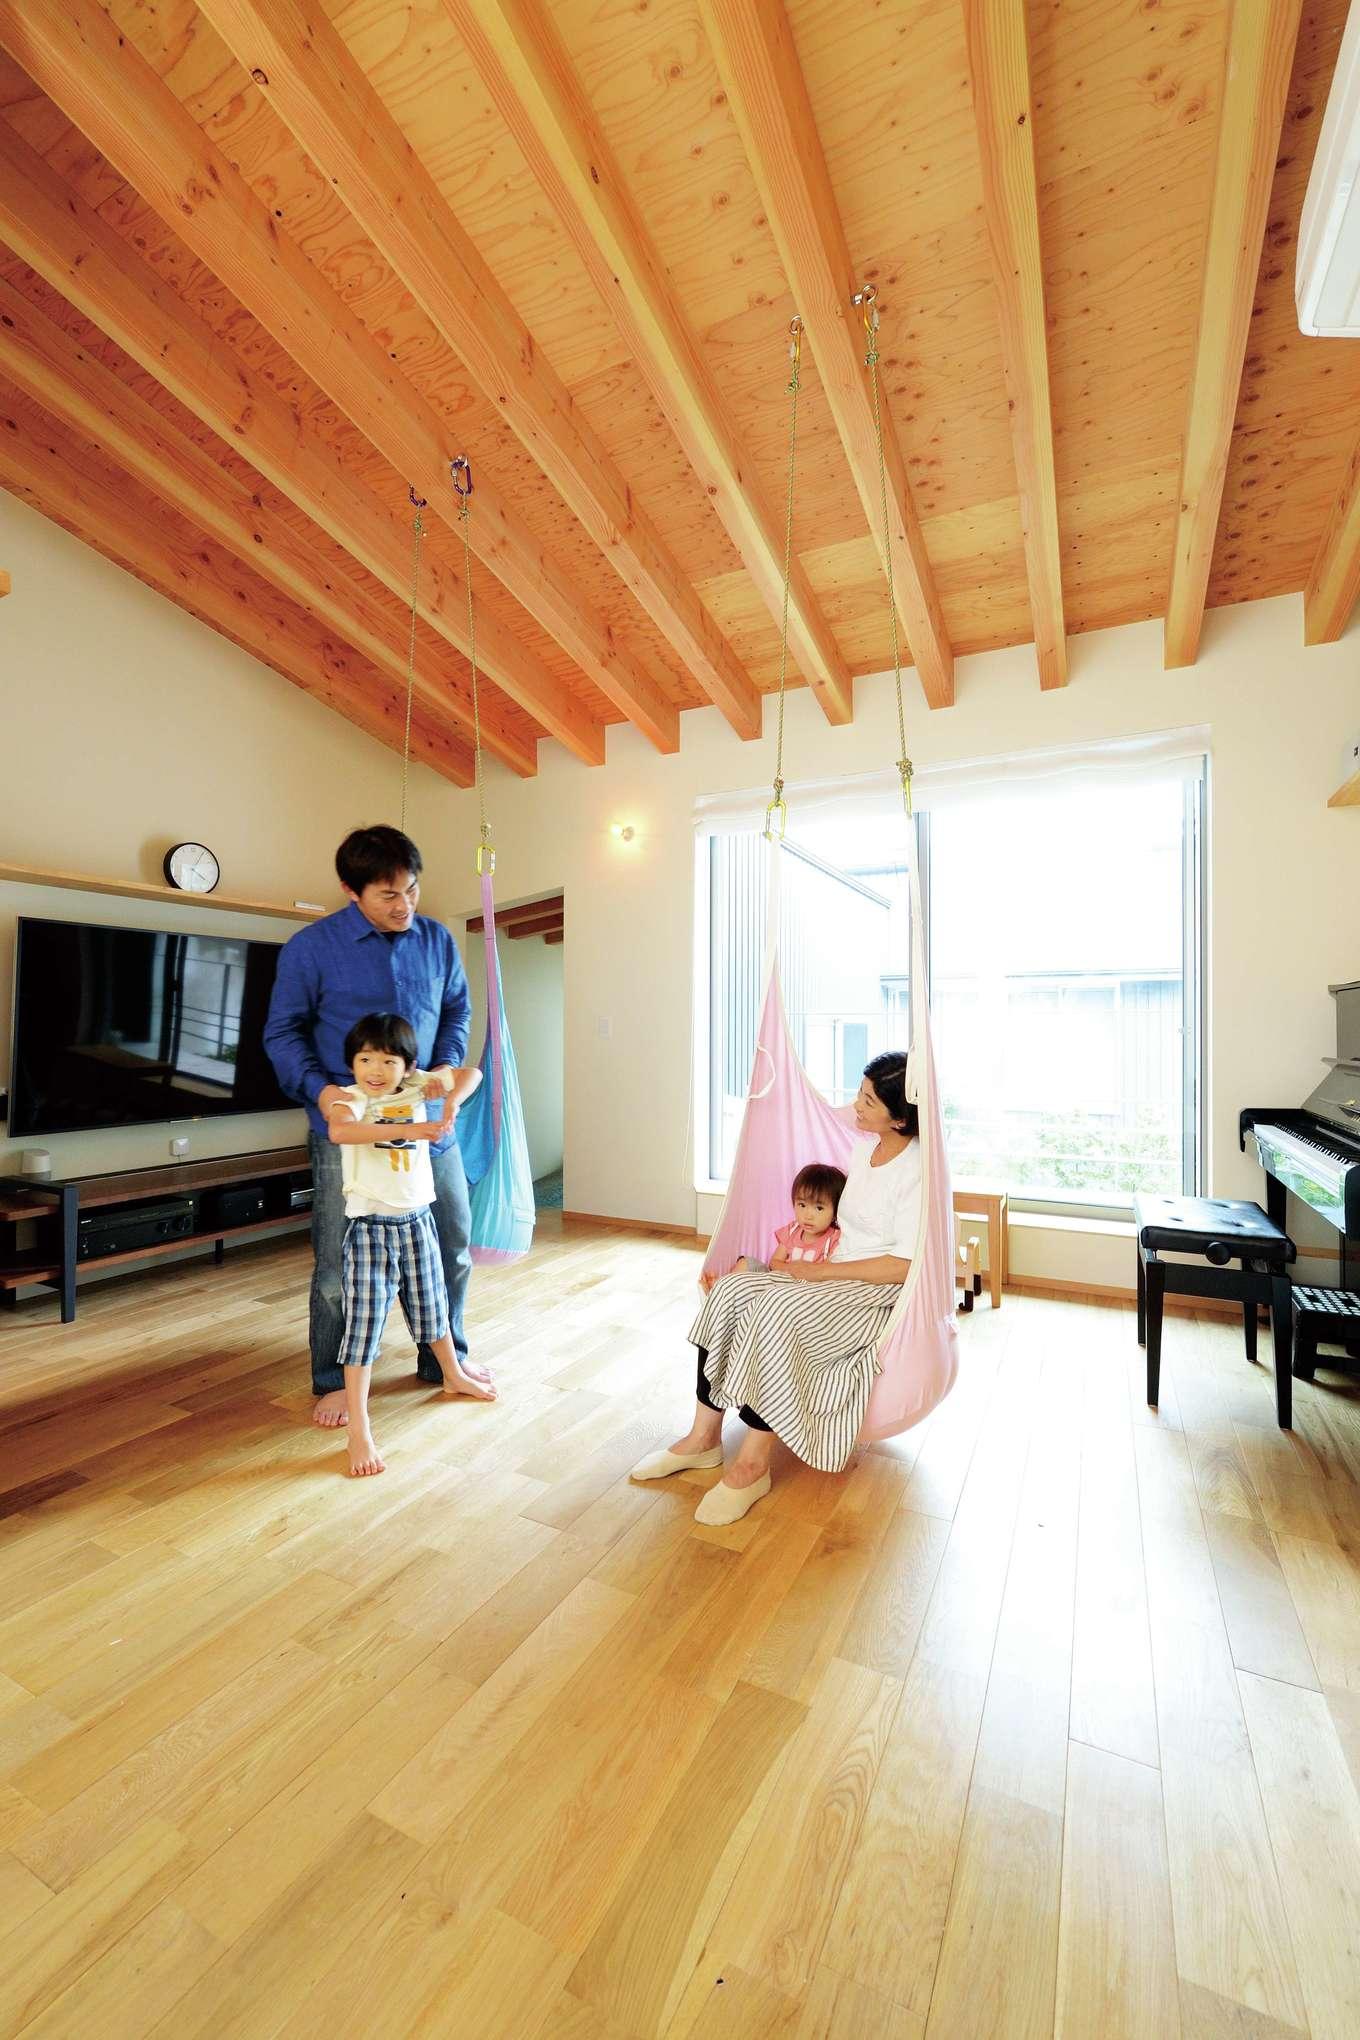 床にも天井にも無垢材を使用した子世帯のLDK。配線を隠せるTVボードを造作し、空間をすっきりと見せる。中庭の景色もリビングの一部として楽しめる